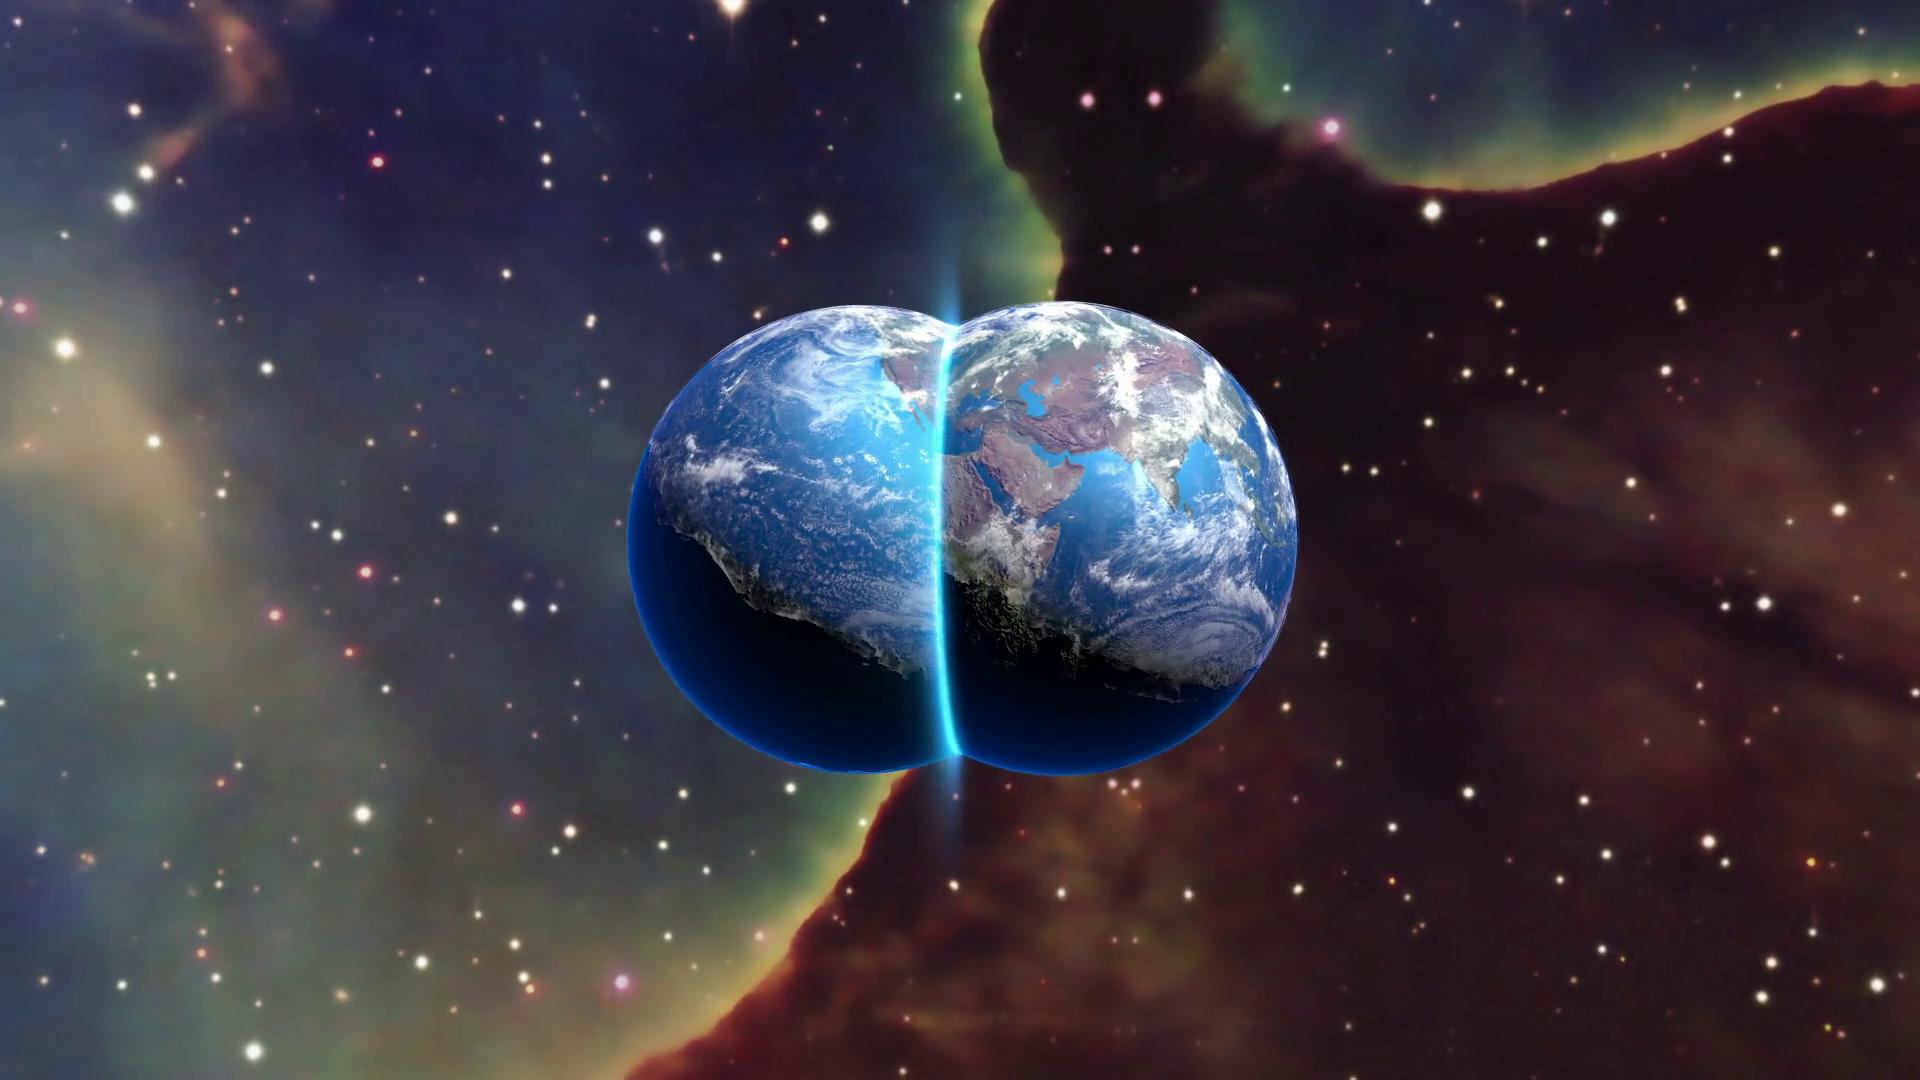 Bu tür görseller hatalı bir fikir vermektedir: Çünkü uyumsuzlaşma (decoherence), aynı Evren içinde yaşanan bir ayrışma değildir. Her ayrışmada, yeni evrenler oluşmaktadır! Dolayısıyla bu görsel yanıltıcıdır.